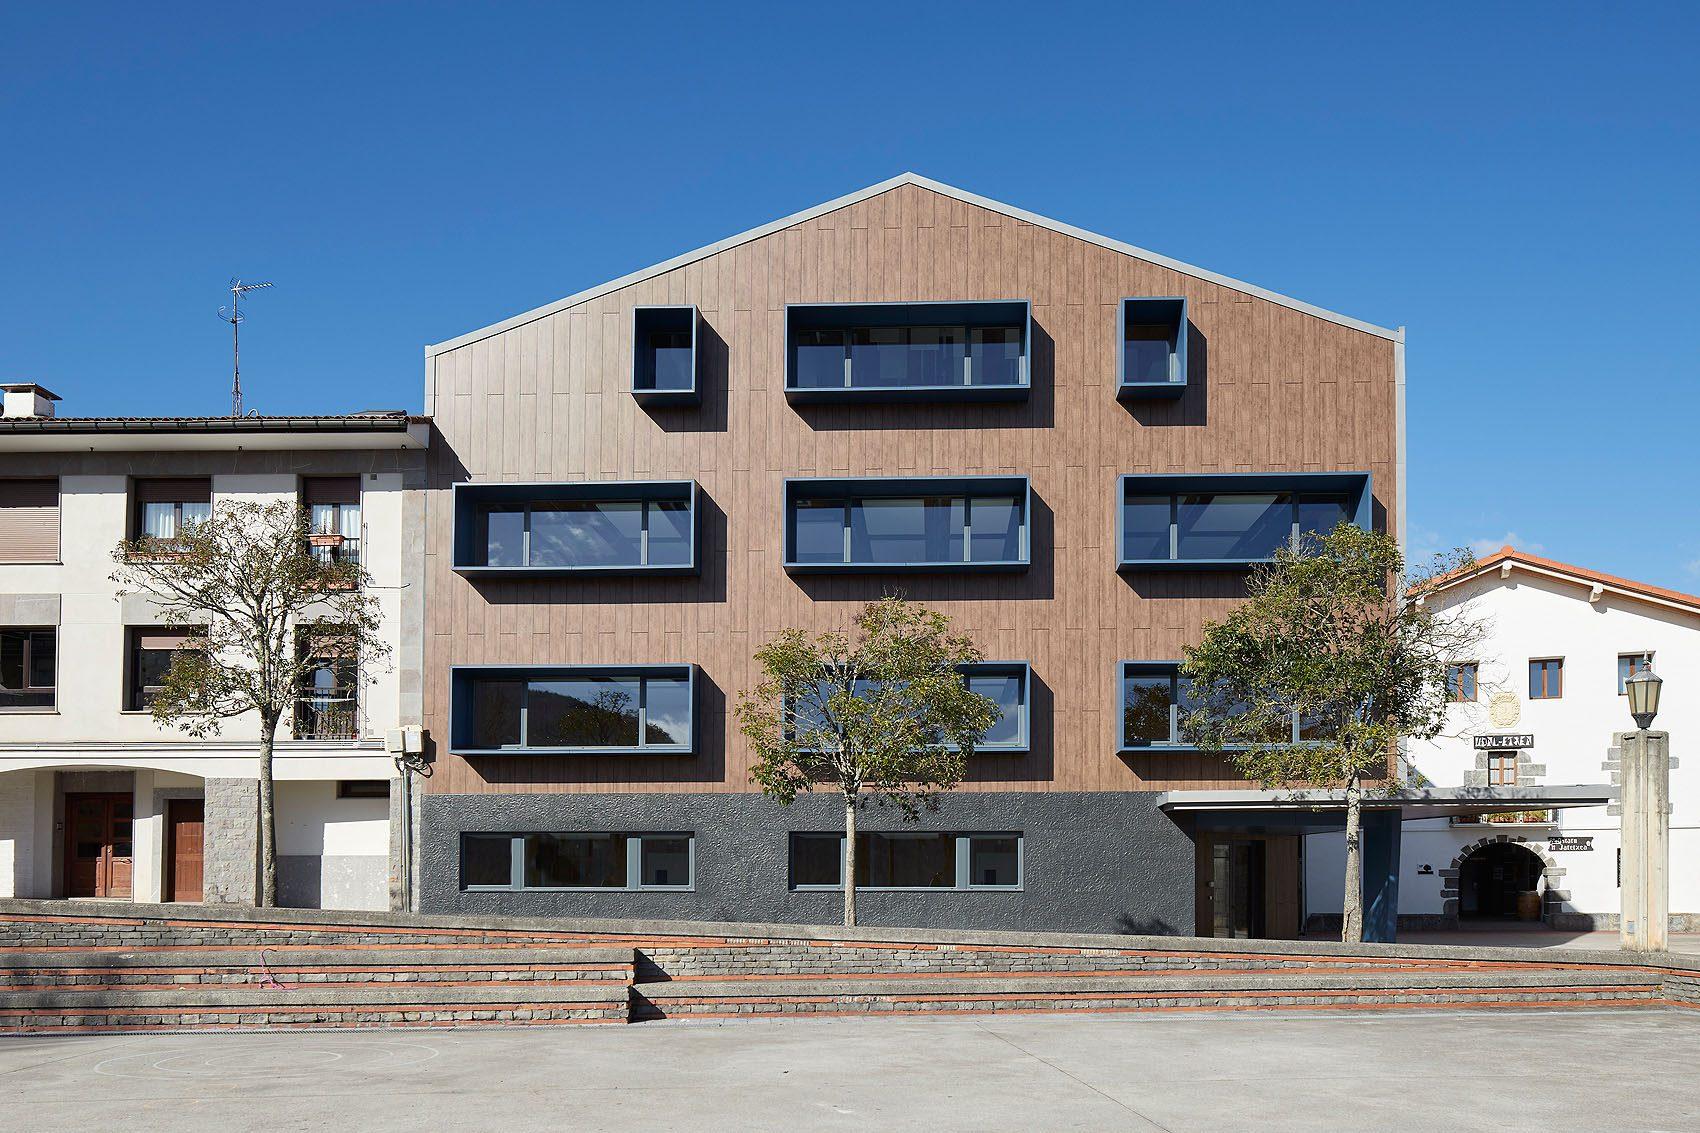 Nuevas escuelas de Alkiza - Iñaki Caperochipi - Fotografía